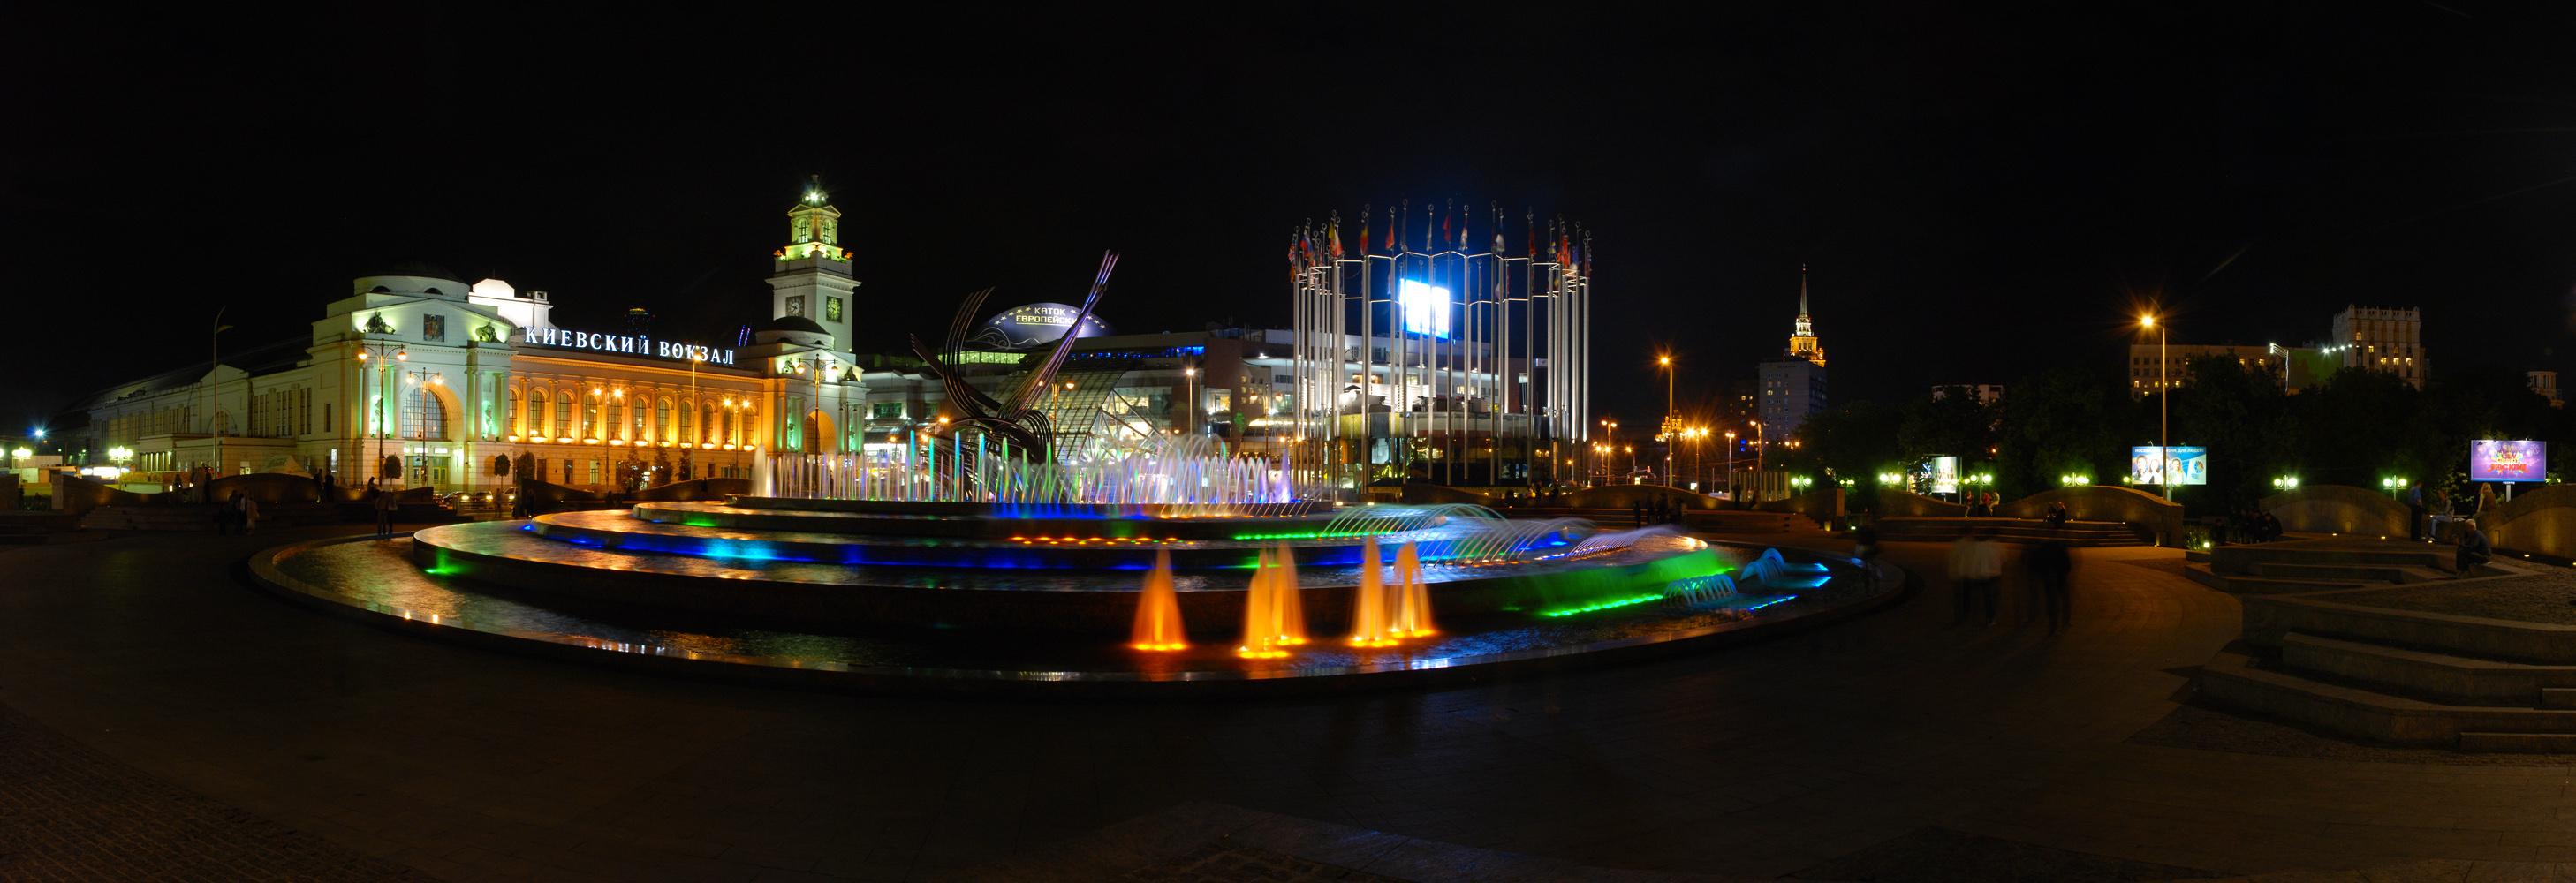 Фото панорамы ленингадского вокзала москвы 3